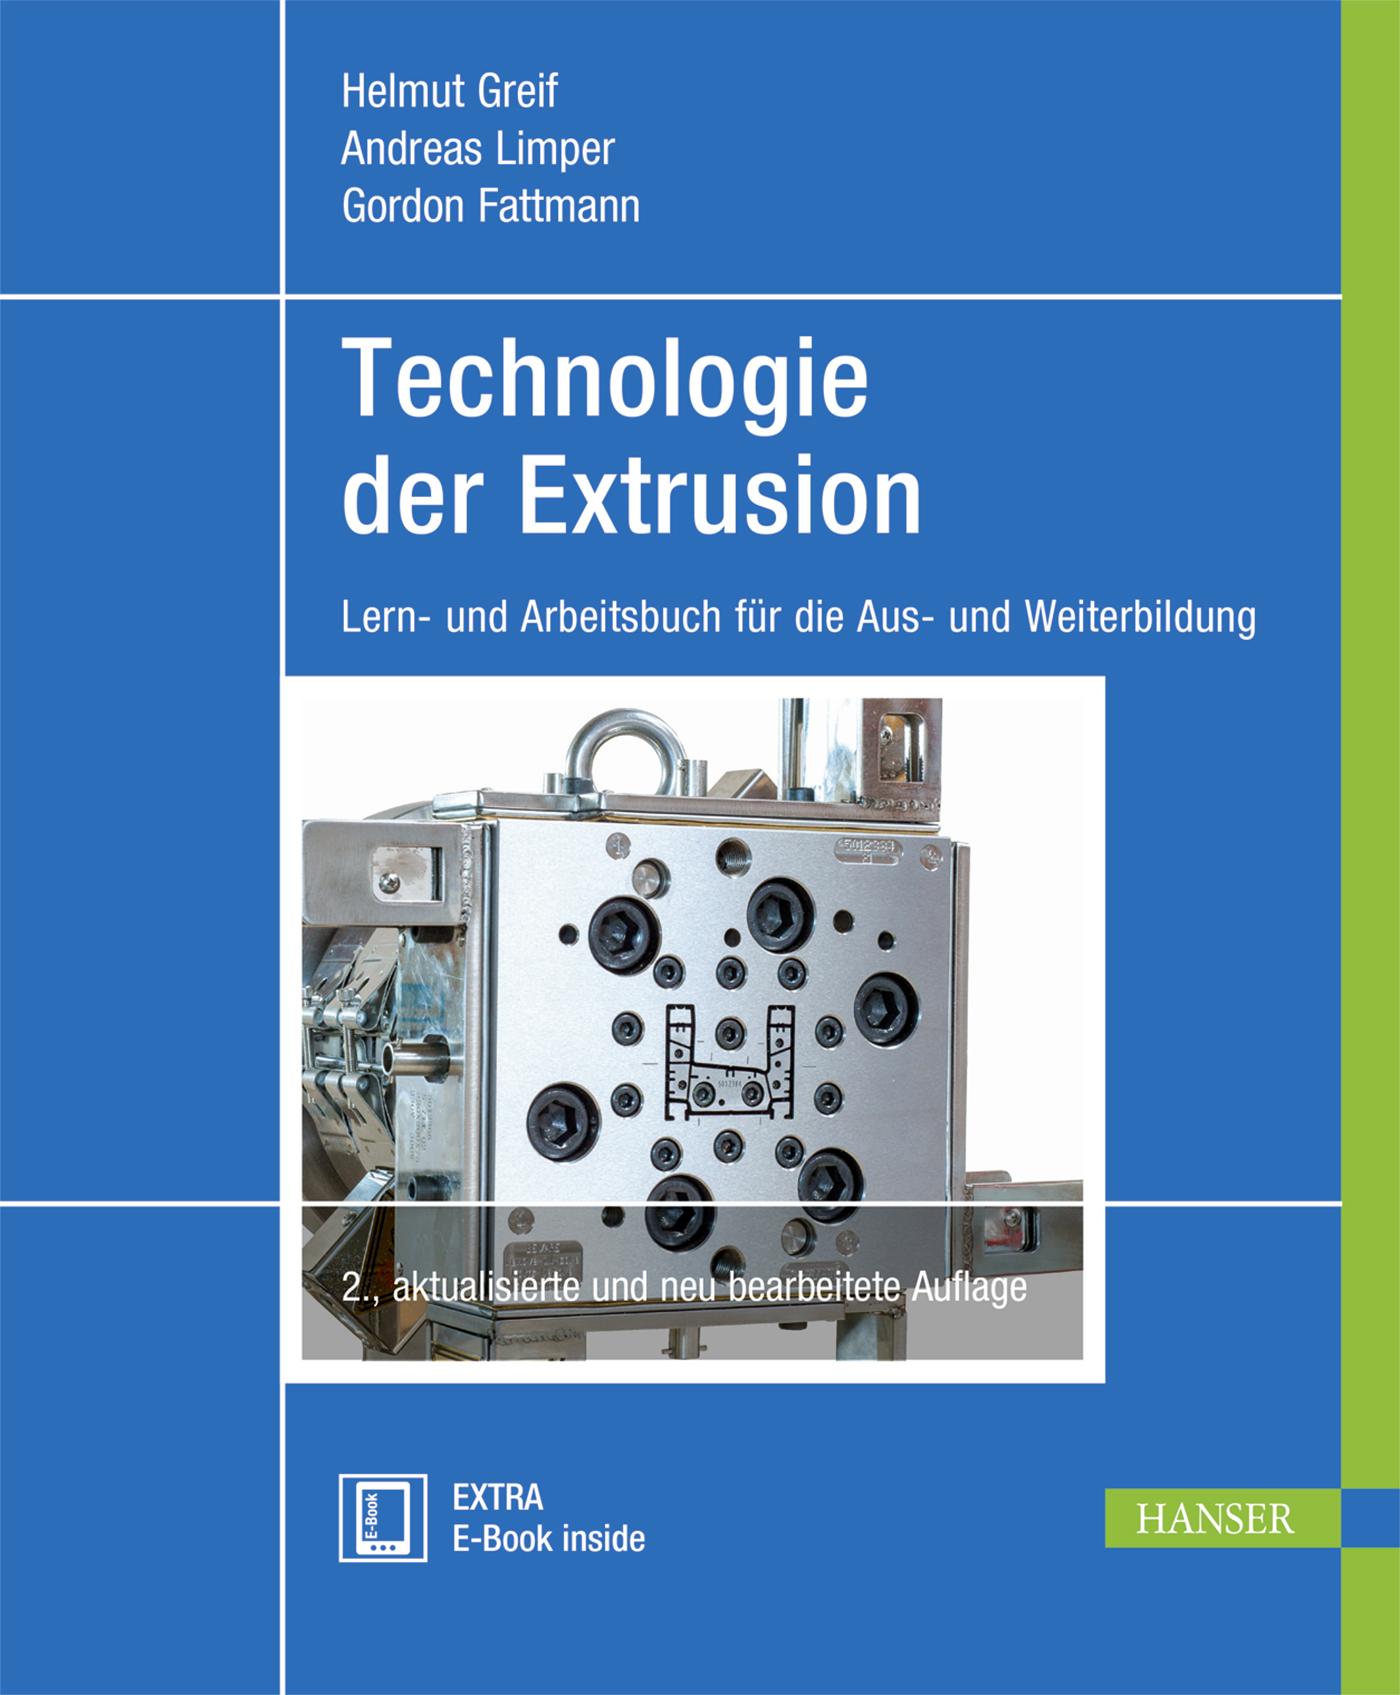 Greif, Limper, Fattmann, Technologie der Extrusion, 978-3-446-43693-0